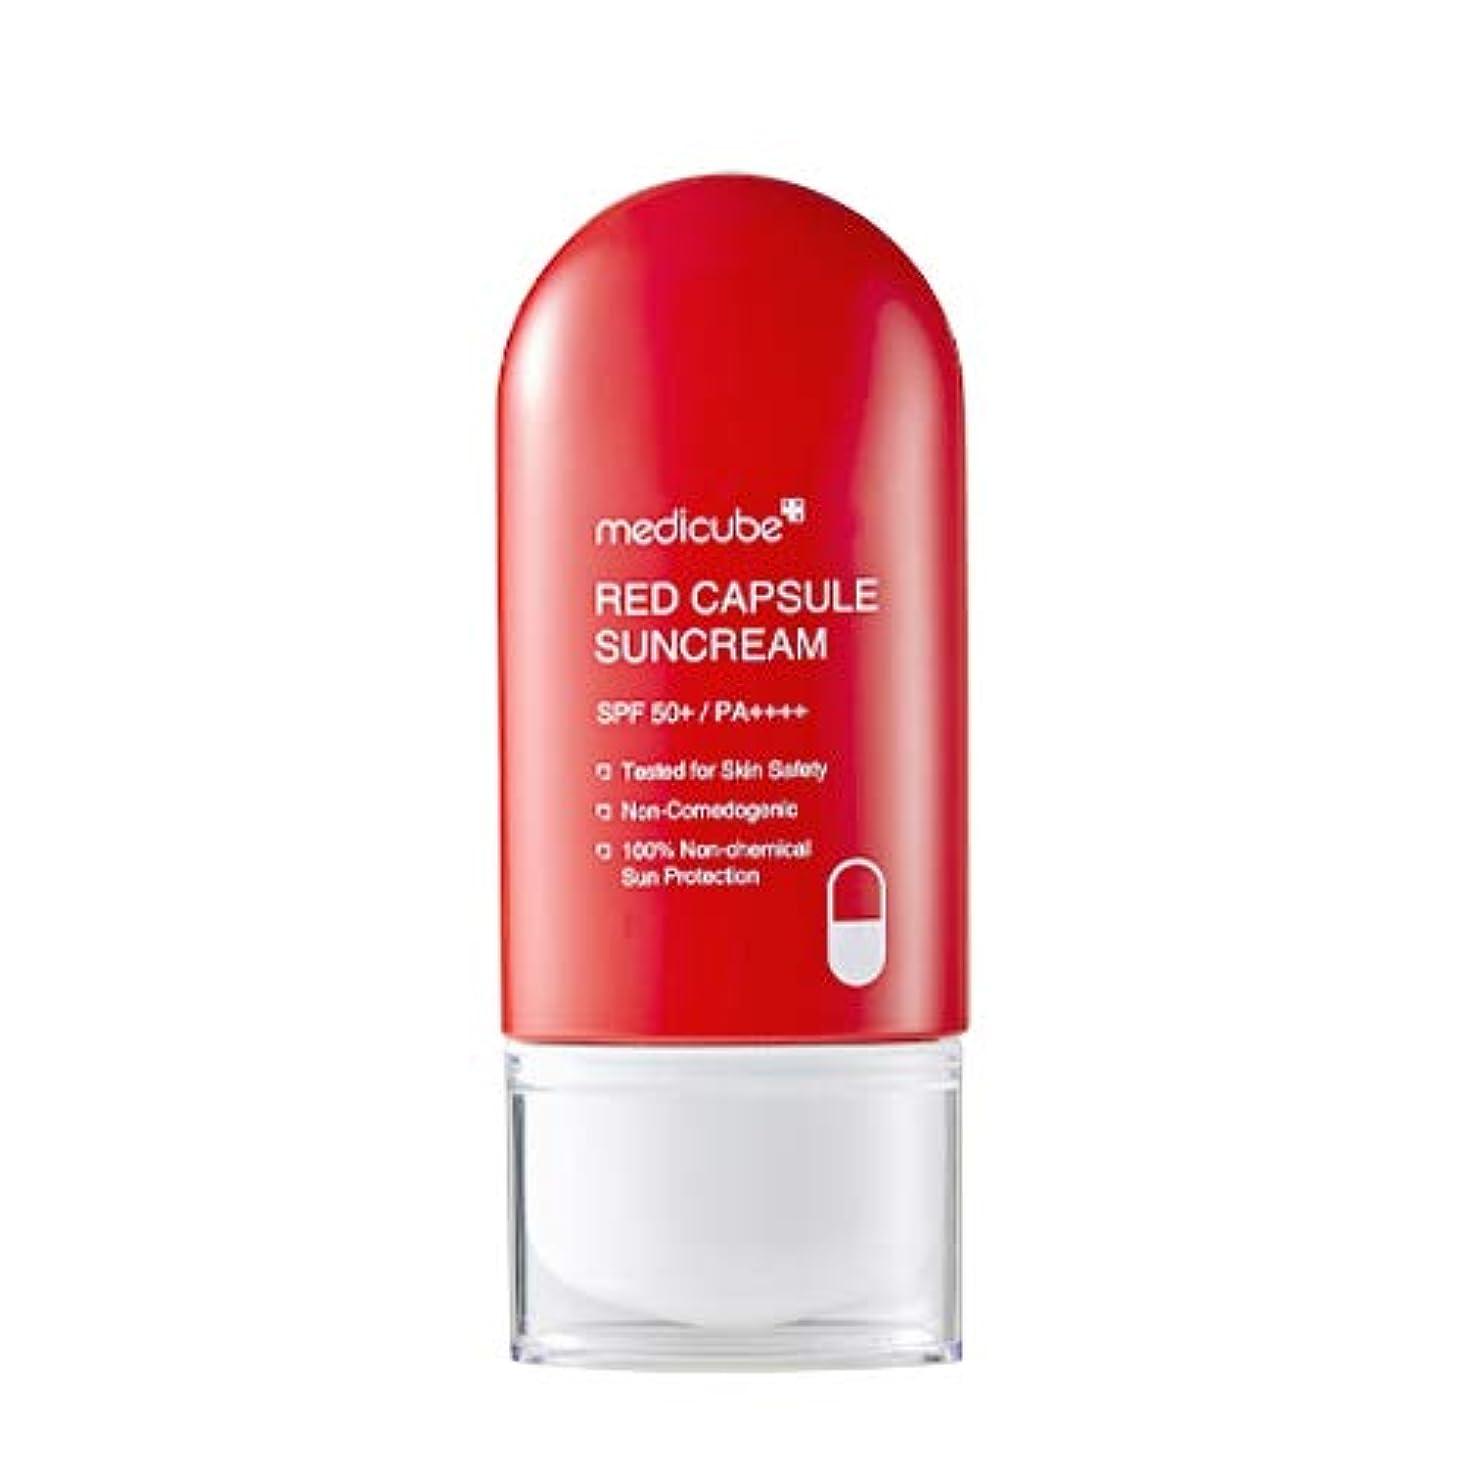 レジデンスステートメントカートン[medicube] Red Capsule Suncream SPF50+/ PA++++ / [メディキューブ] レッドカプセルサンクリーム SPF50+/ PA++++ [並行輸入品]